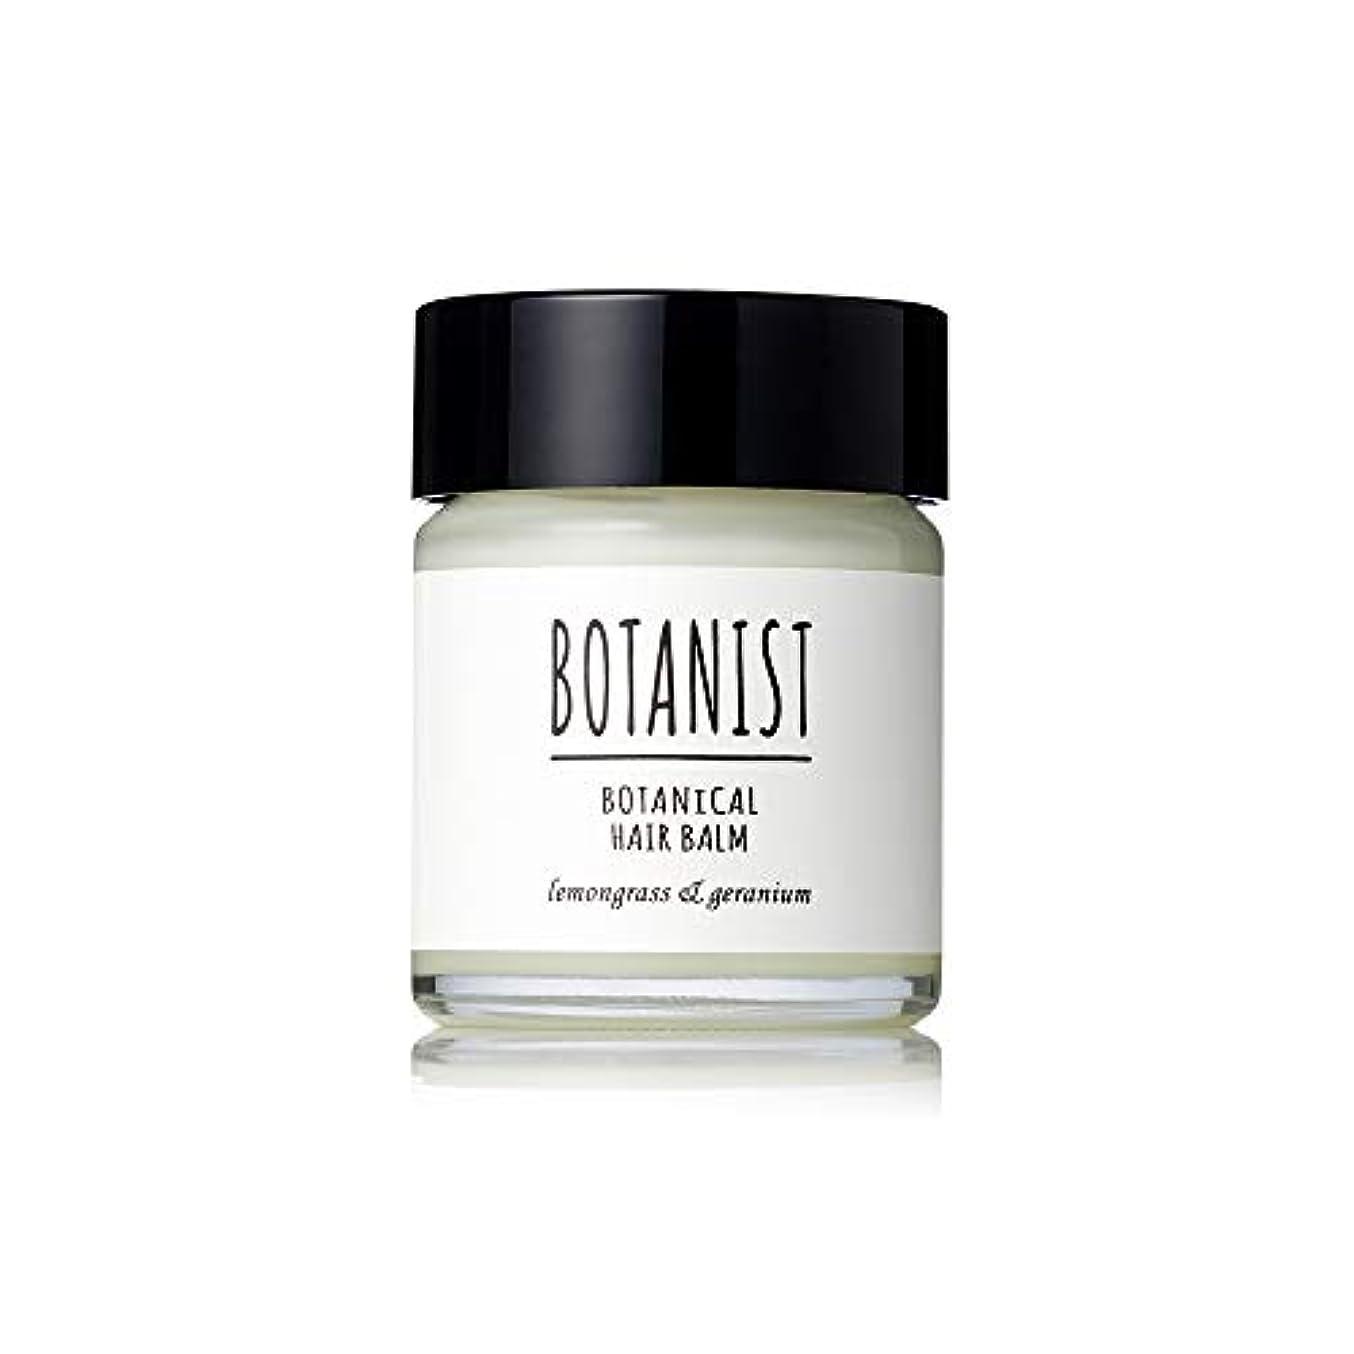 アシスト圧力エクスタシーBOTANIST ボタニスト ボタニカルヘアバーム 32g レモングラス&ゼラニウムの香り